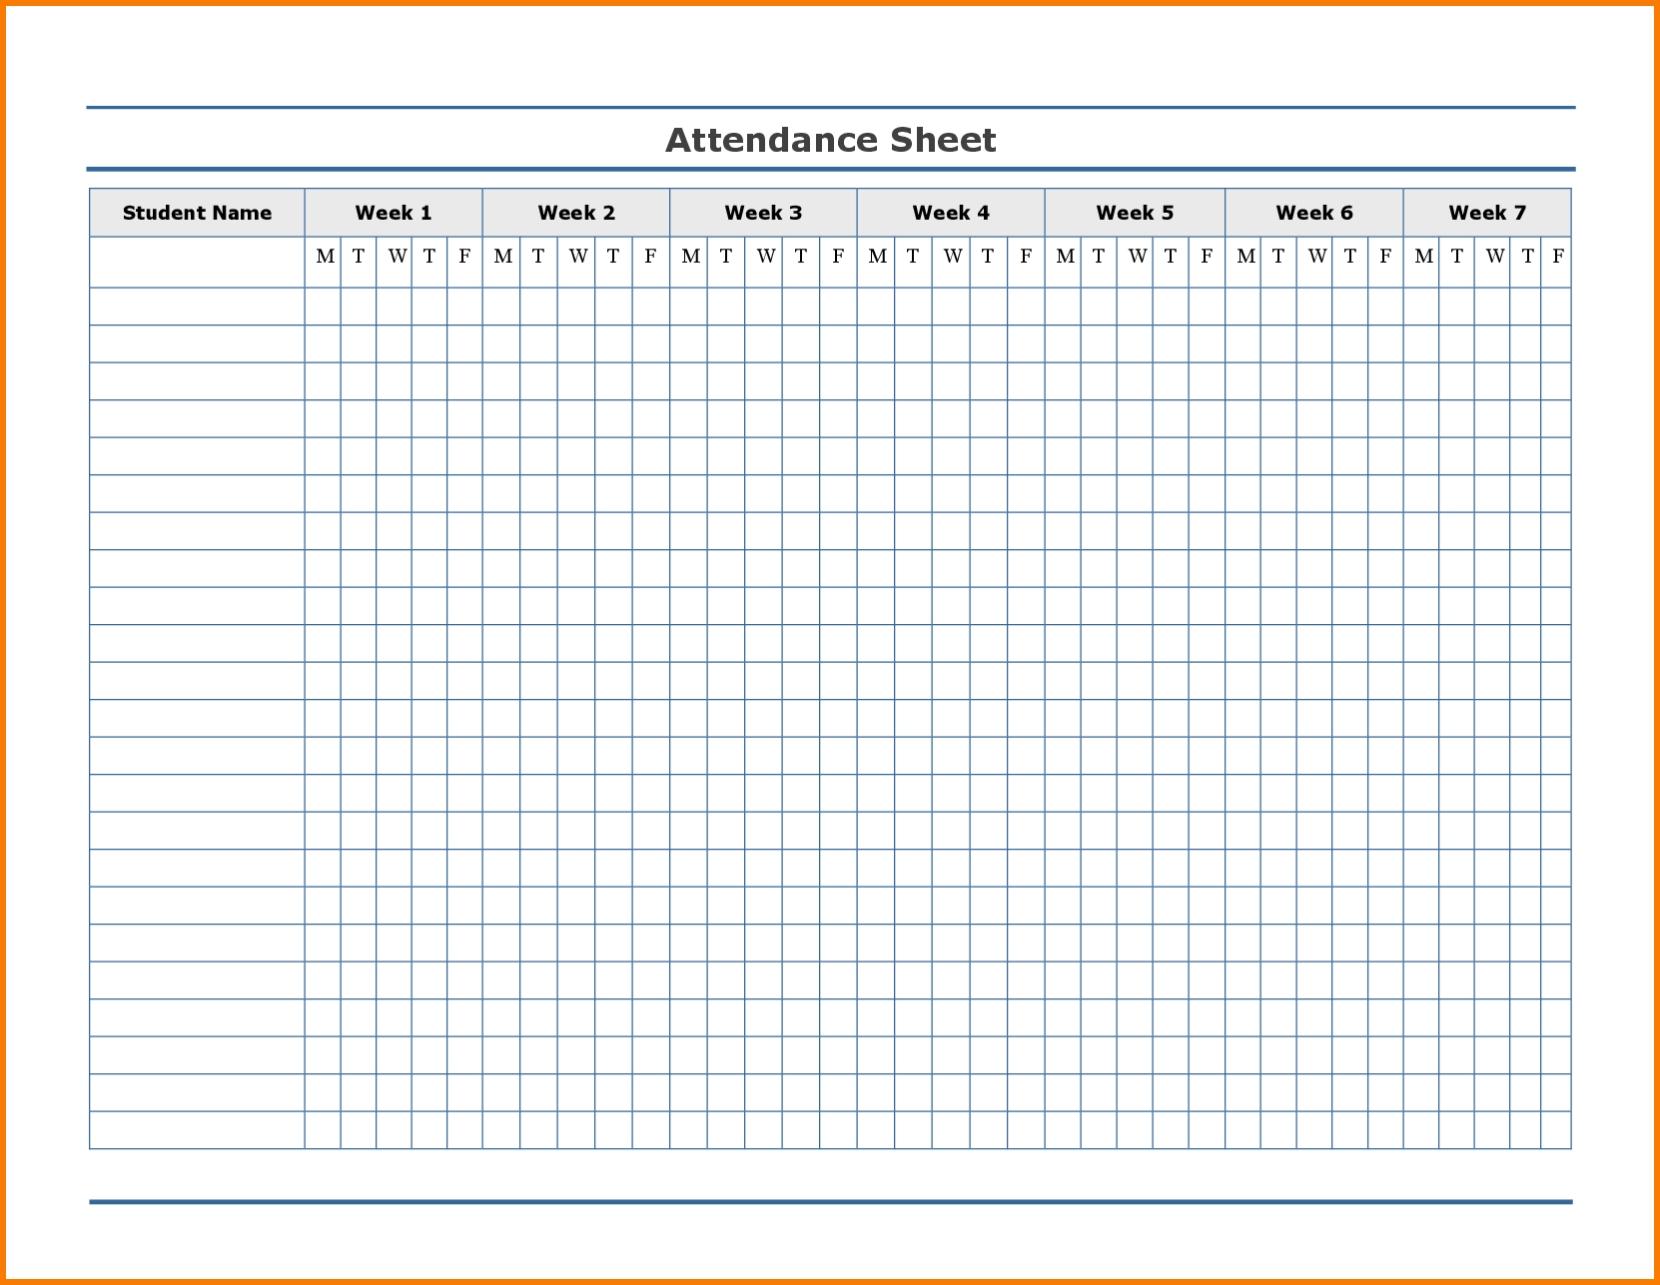 yearly attendance calendar for 2018 calendar printable free Free Employee Attendance Calendar 2018  erdferdf